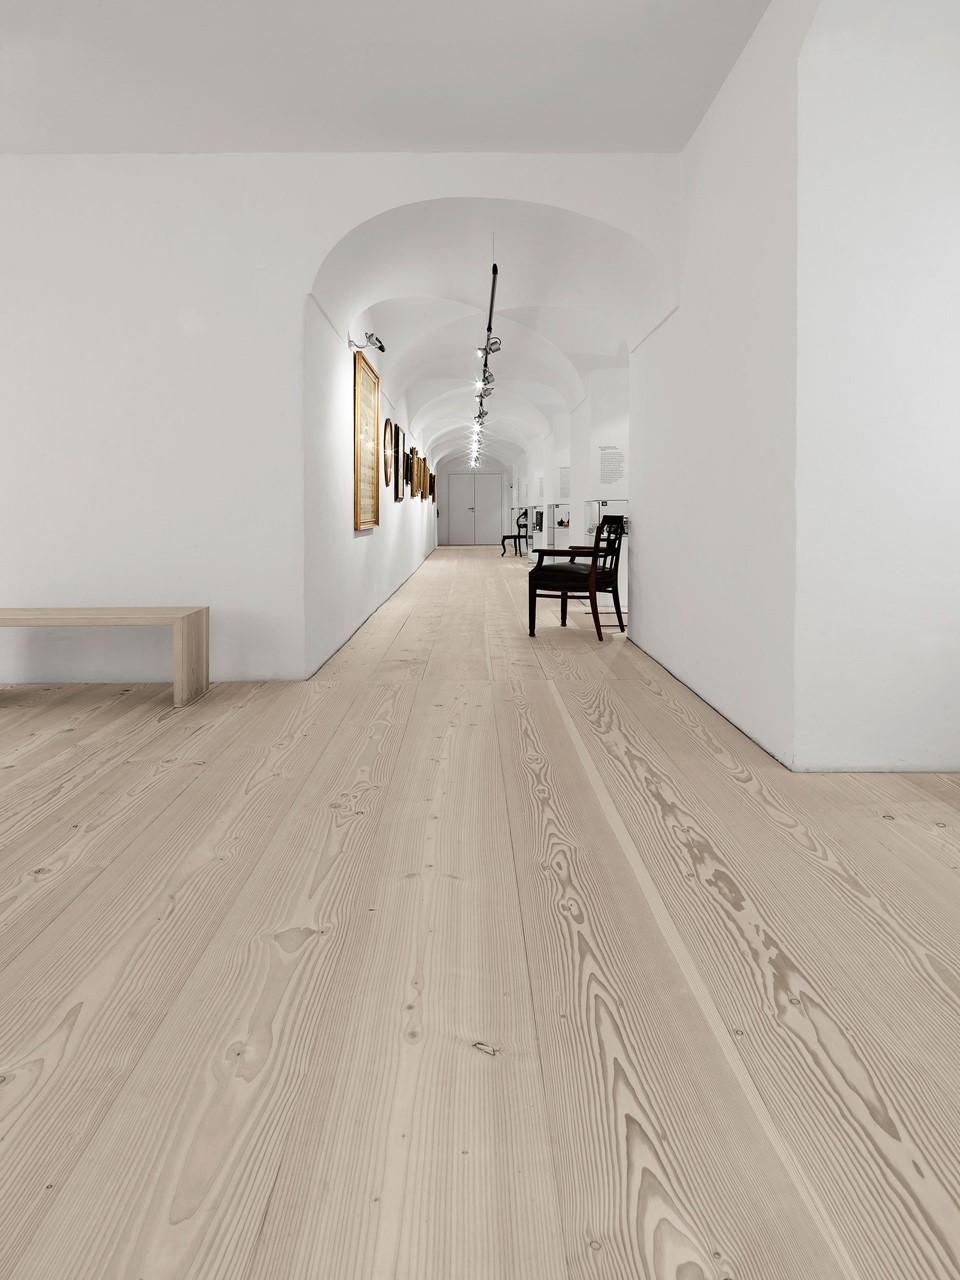 douglas-floor-restoration_lye-natural-soap_stadtmuseum-freising_dinesen.jpg